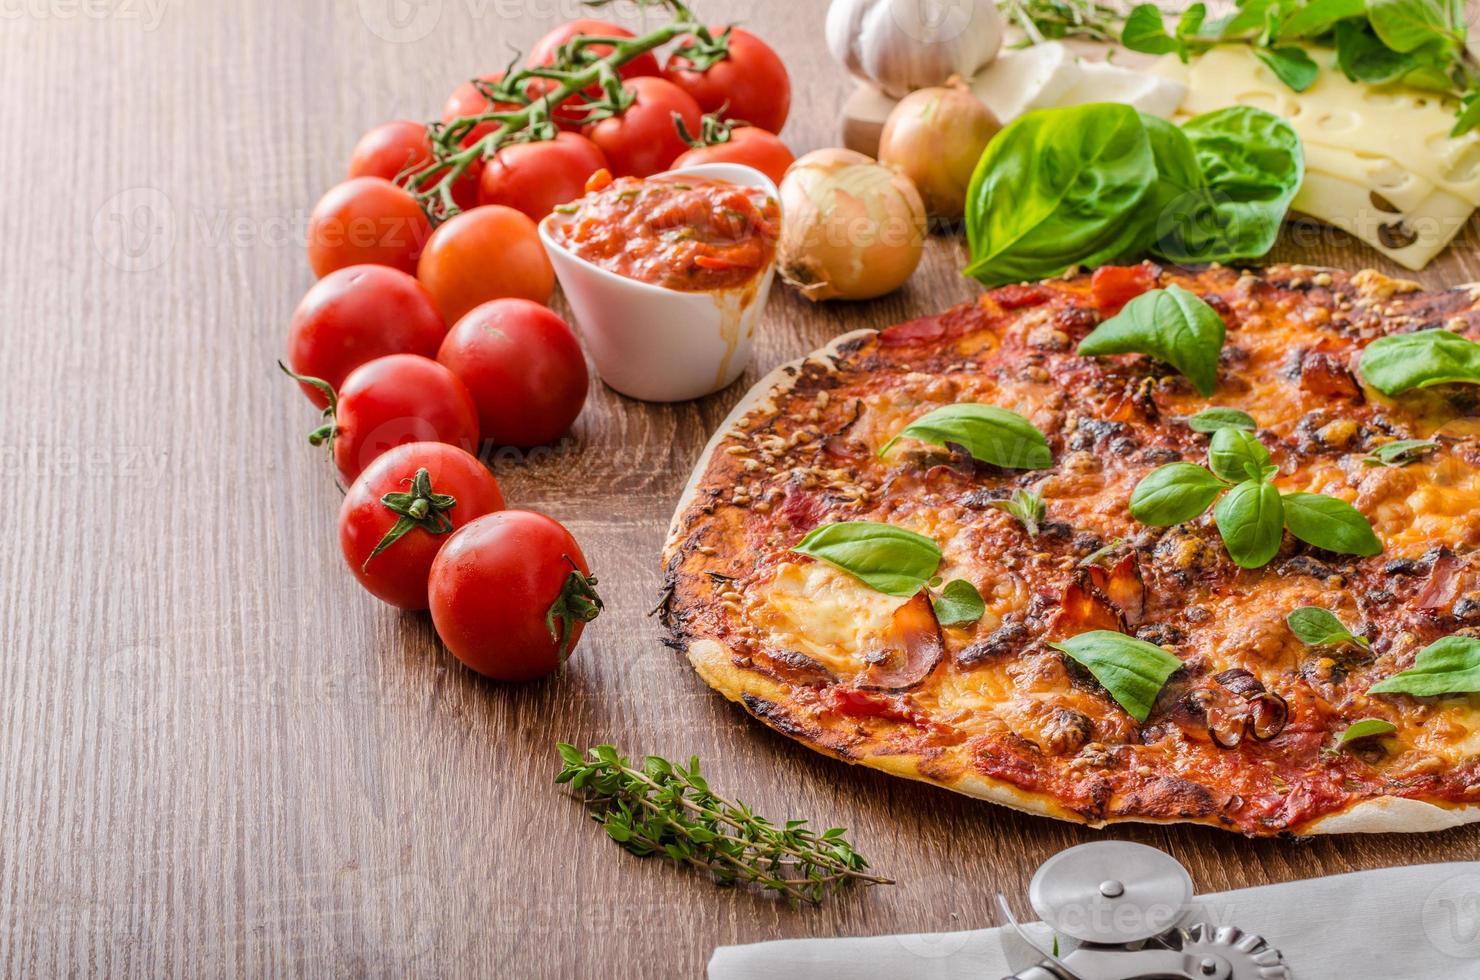 ostpizza med chili och basilika foto